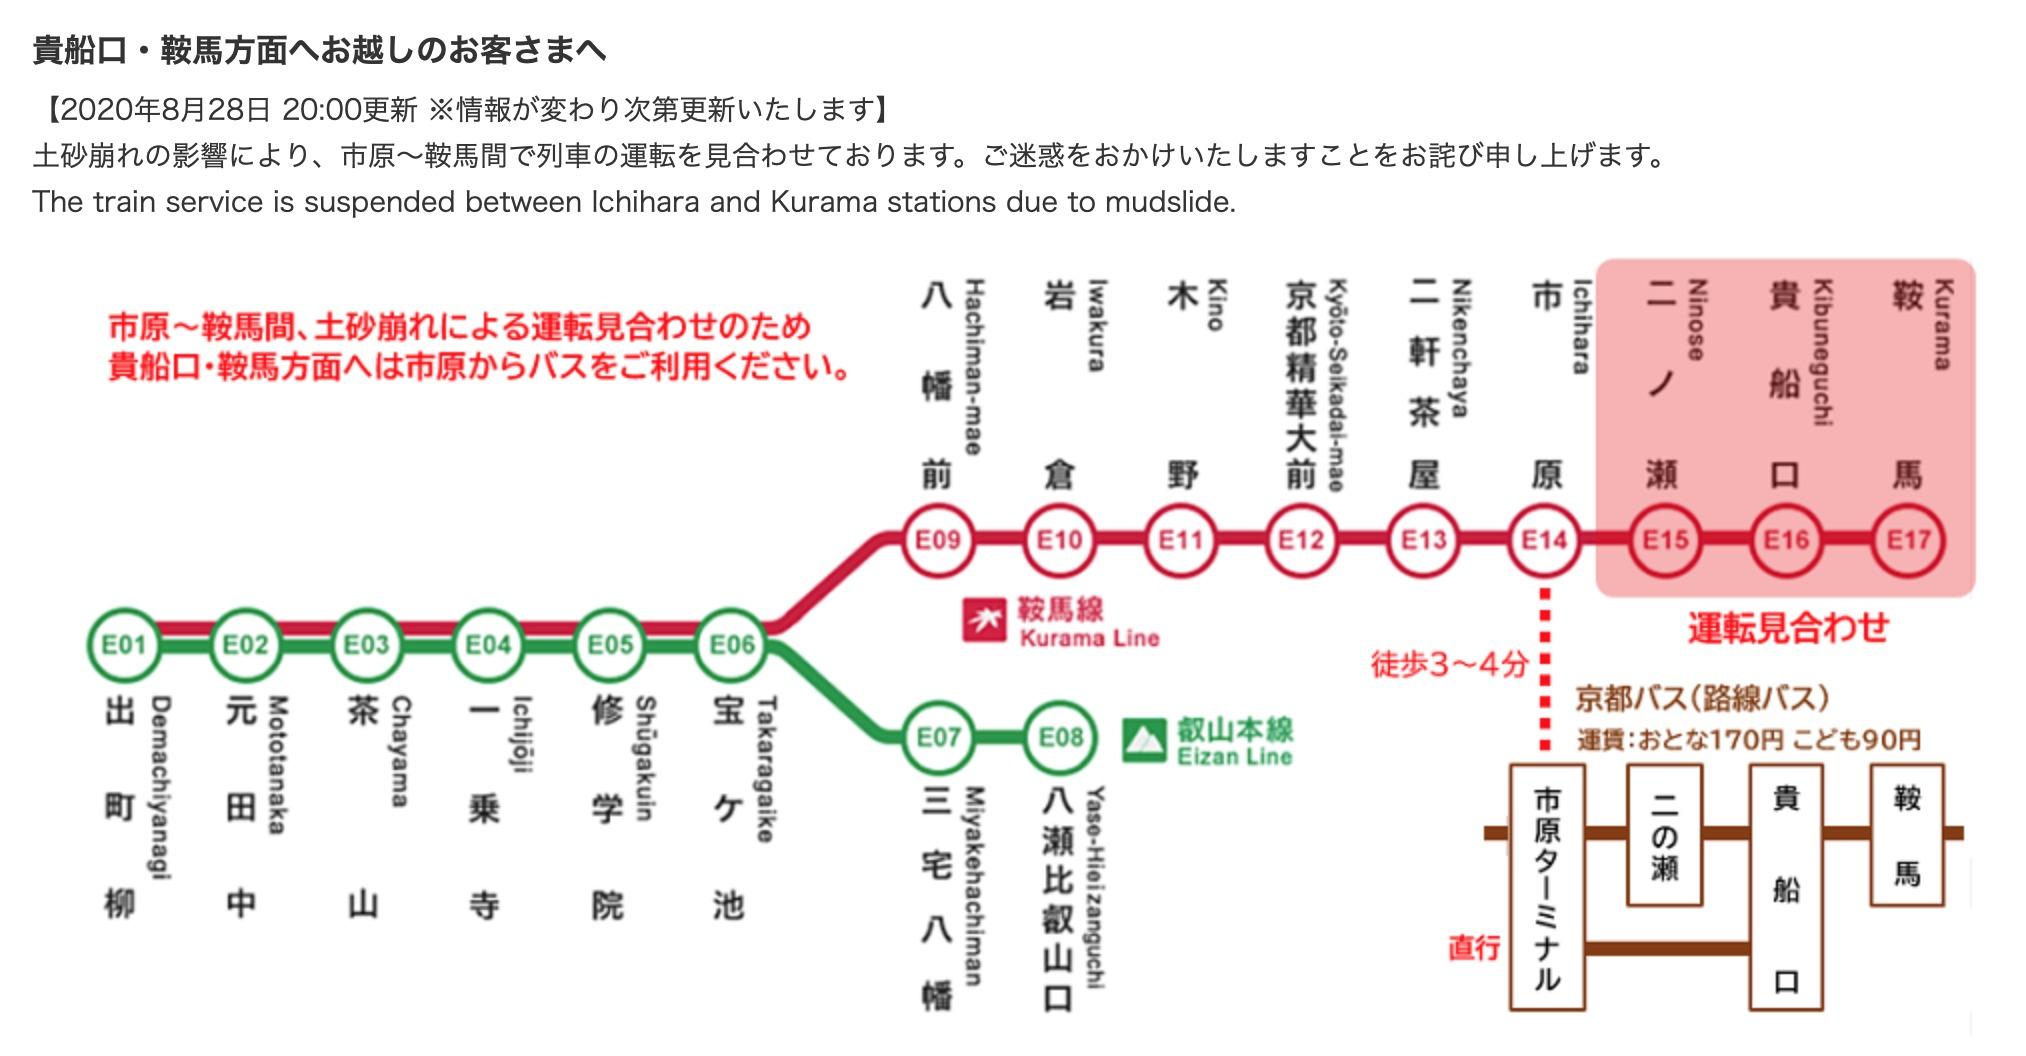 叡山電鉄 運行情報